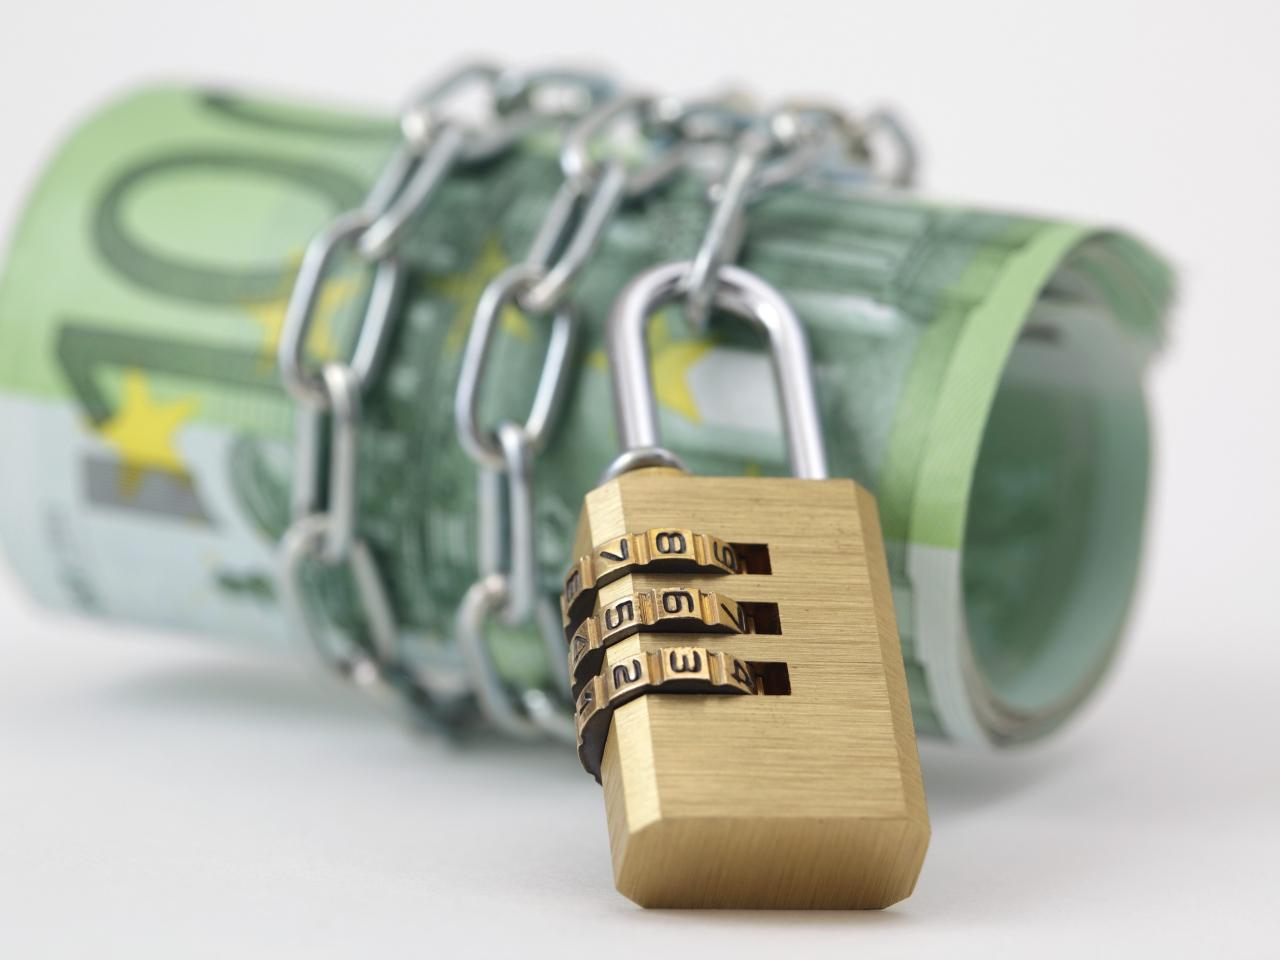 Pignoramento di un quinto della pensione: è possibile 2 volte? - InvestireOggi.it